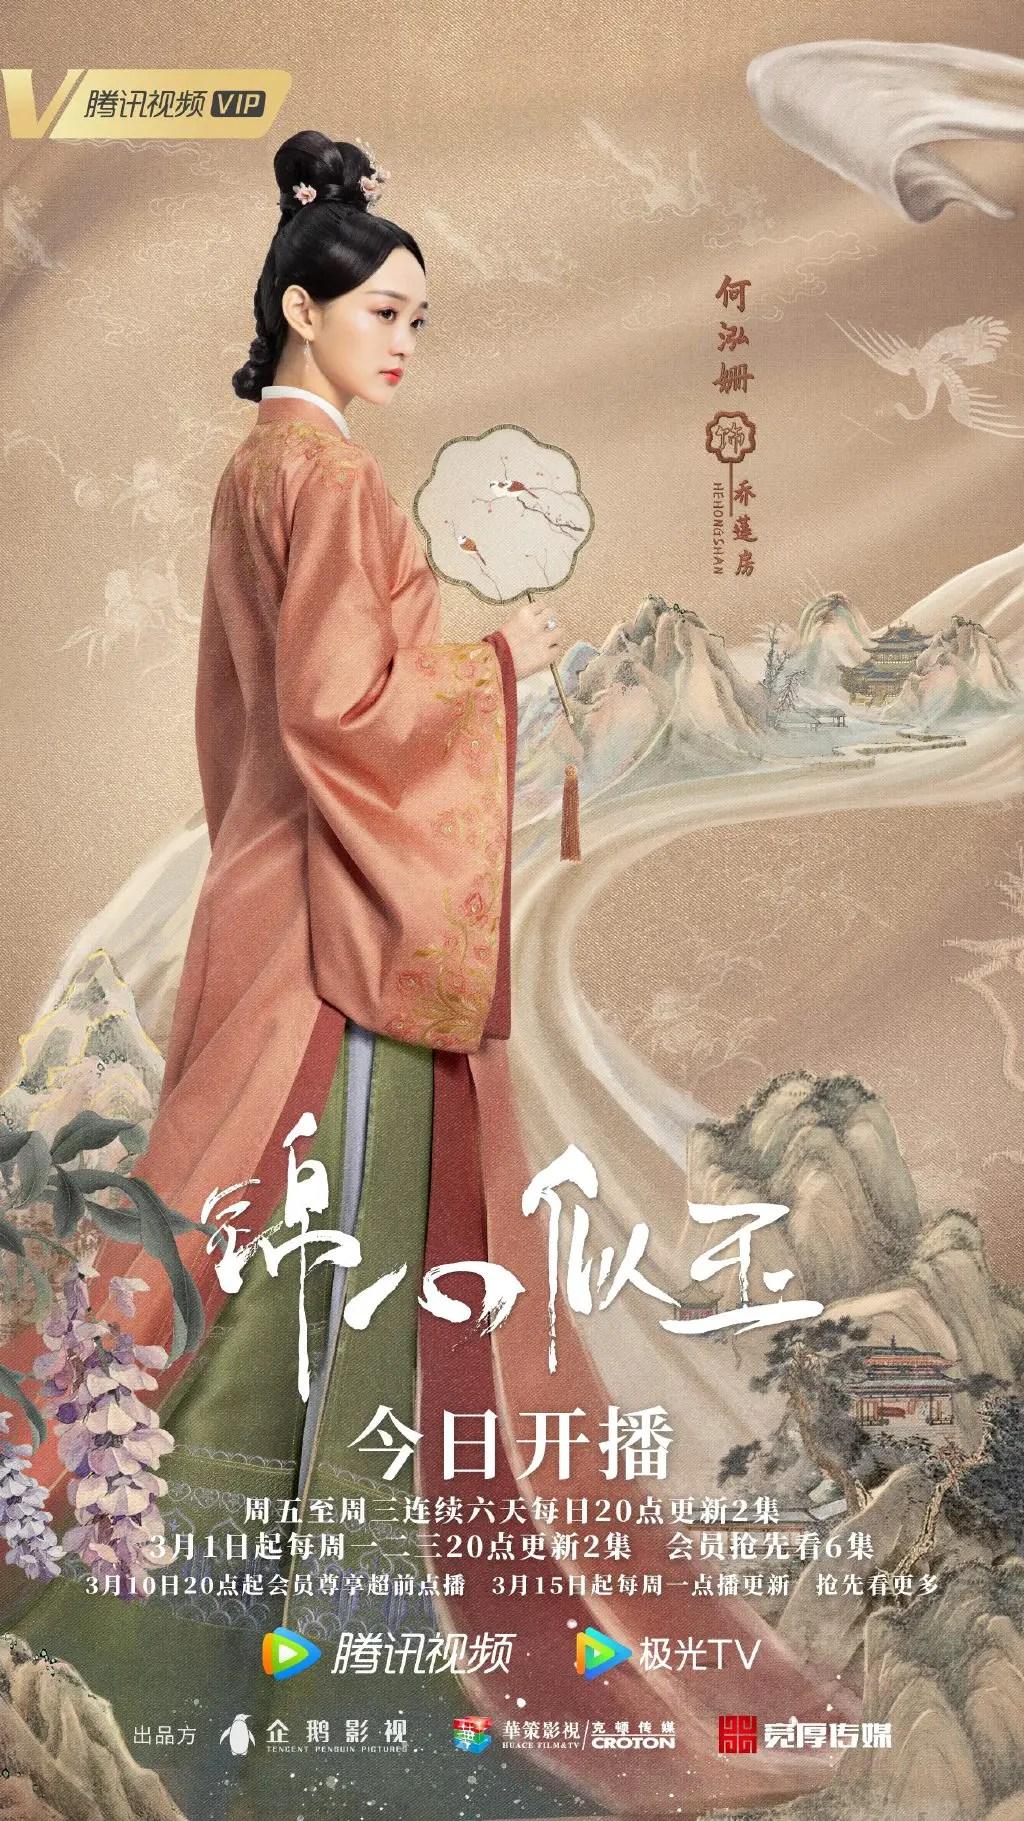 He Hong Shan